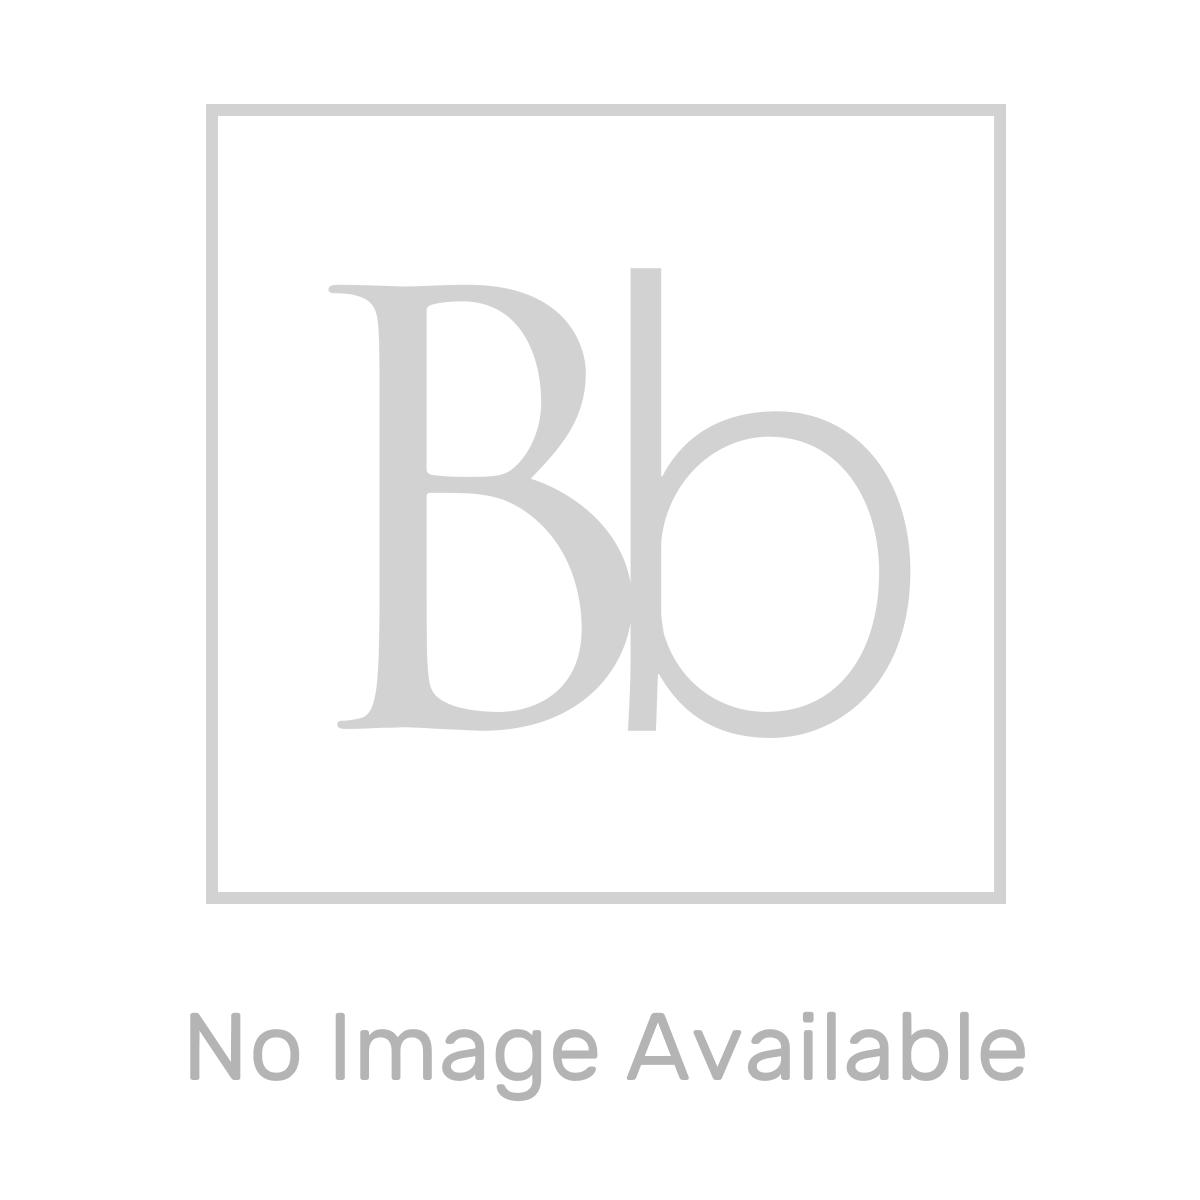 RAK Blade Freestanding Shower Bath Mixer Tap